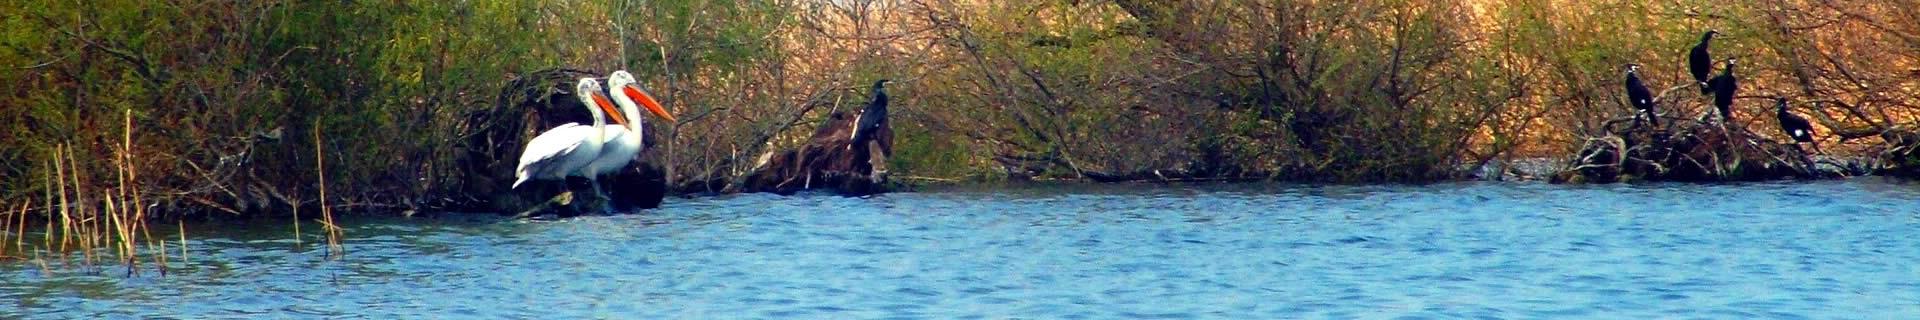 Storks in Delta